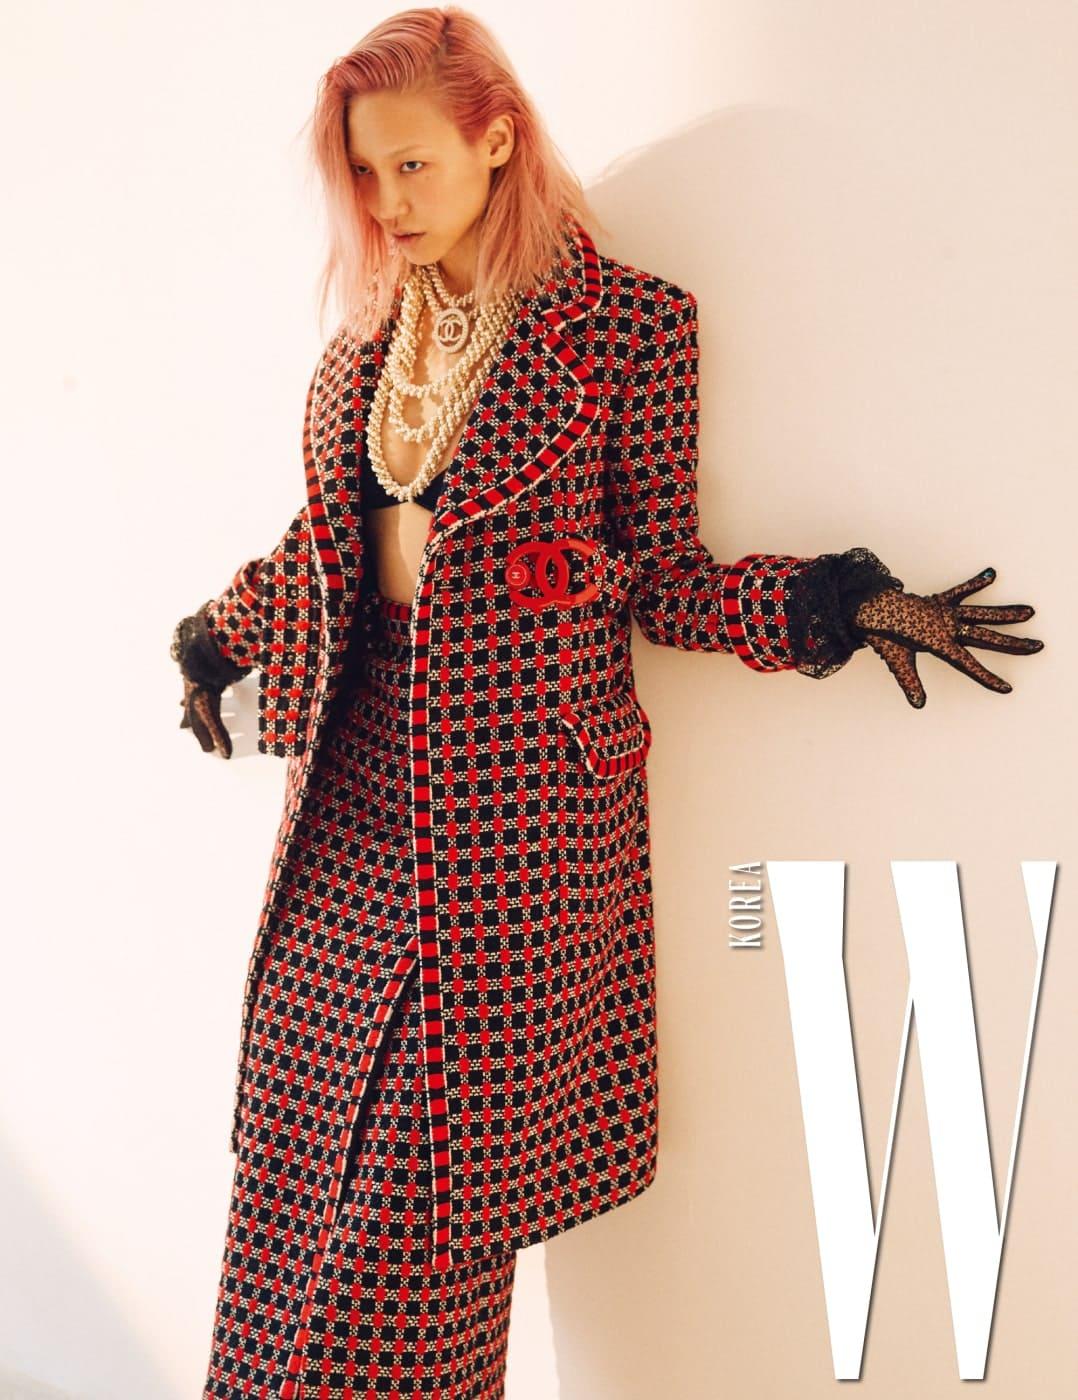 로고 벨트 장식 판타지 트위드 소재 코트와 스커트, 진주 목걸이는 모두 Chanel 제품.